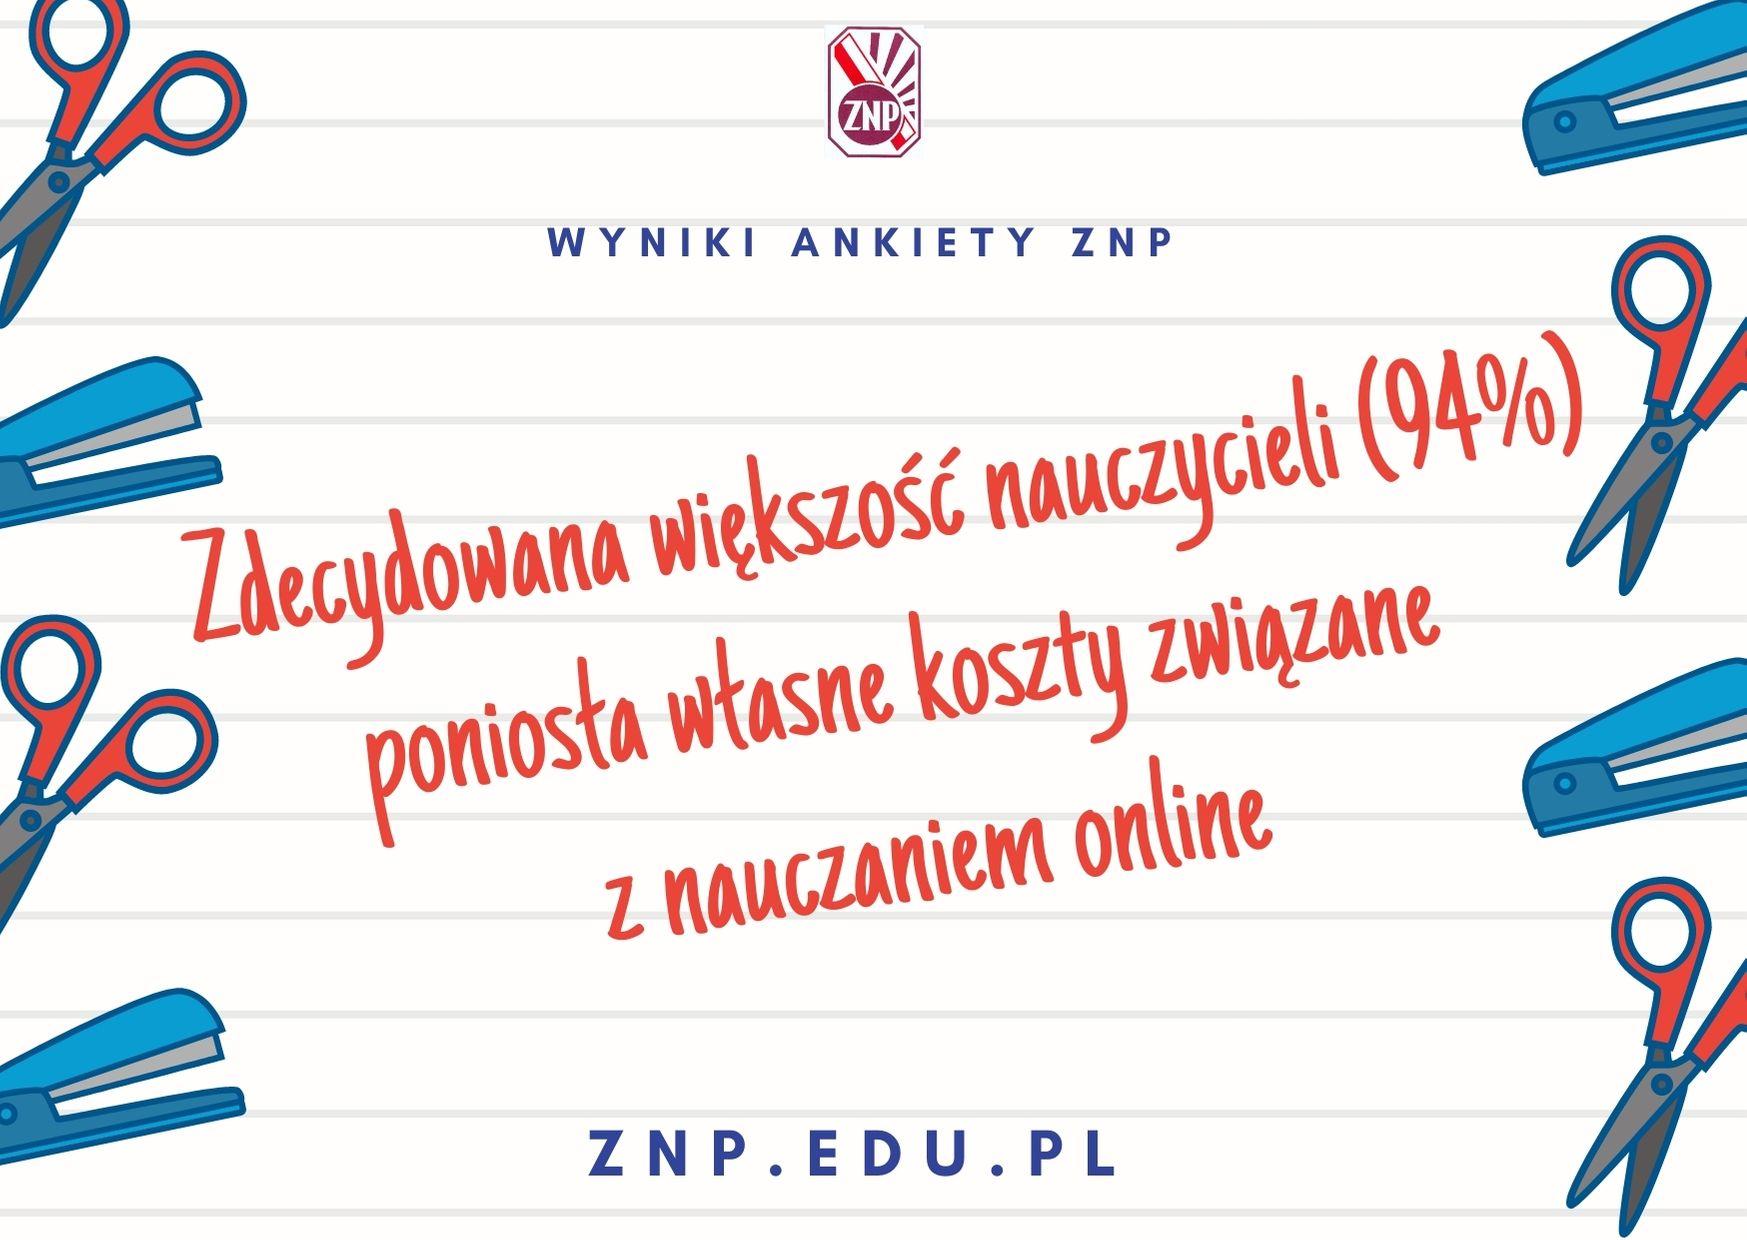 Ankieta ZNP: Zdecydowana większość nauczycieli poniosła własne koszty związane z nauczaniem online